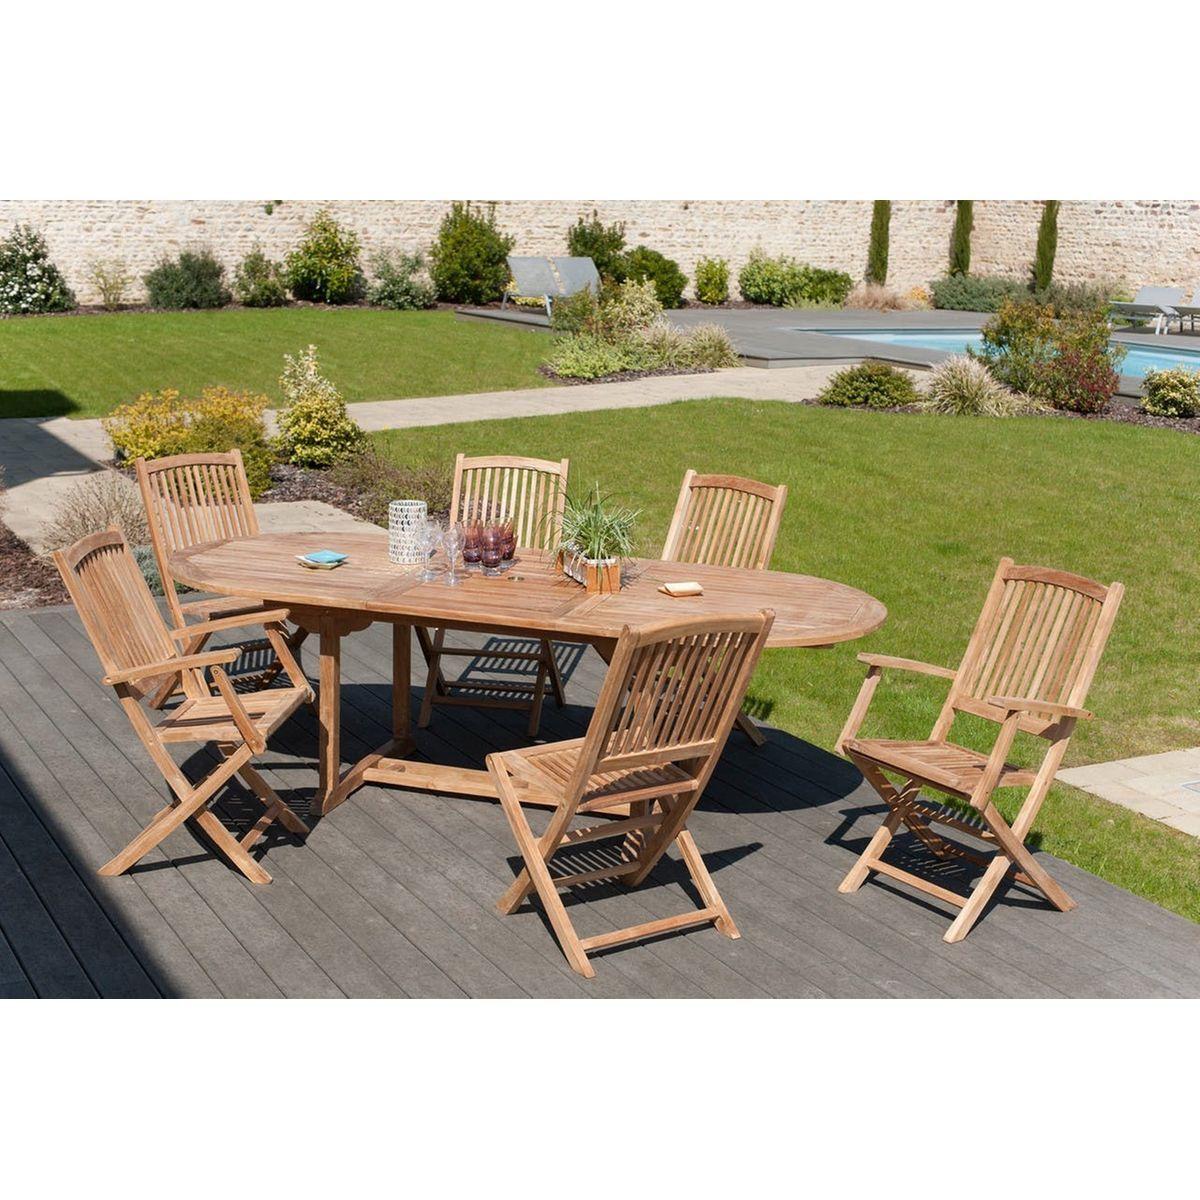 Salon De Jardin Table D'extérieur Extensible Ovale 200 ... avec Table De Jardin Intermarché